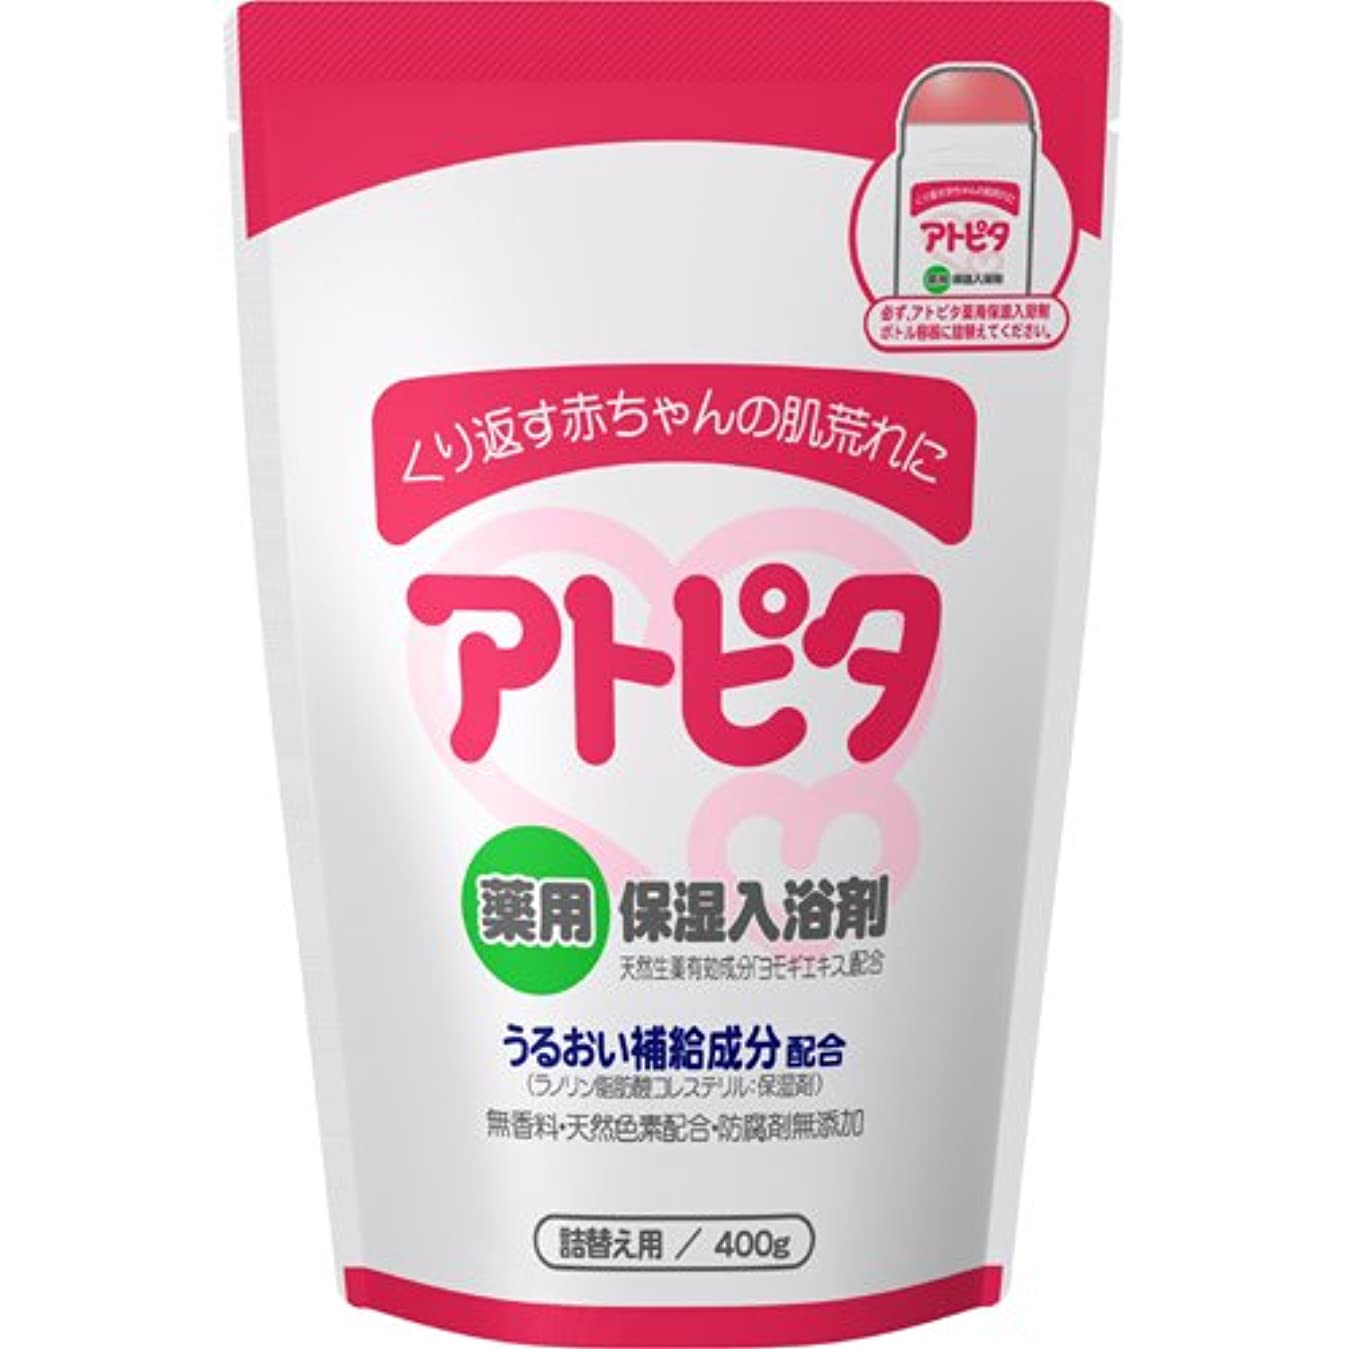 ちらつき著名な衣類新アルエット アトピタ 薬用入浴剤 詰替え 400g ×5個セット